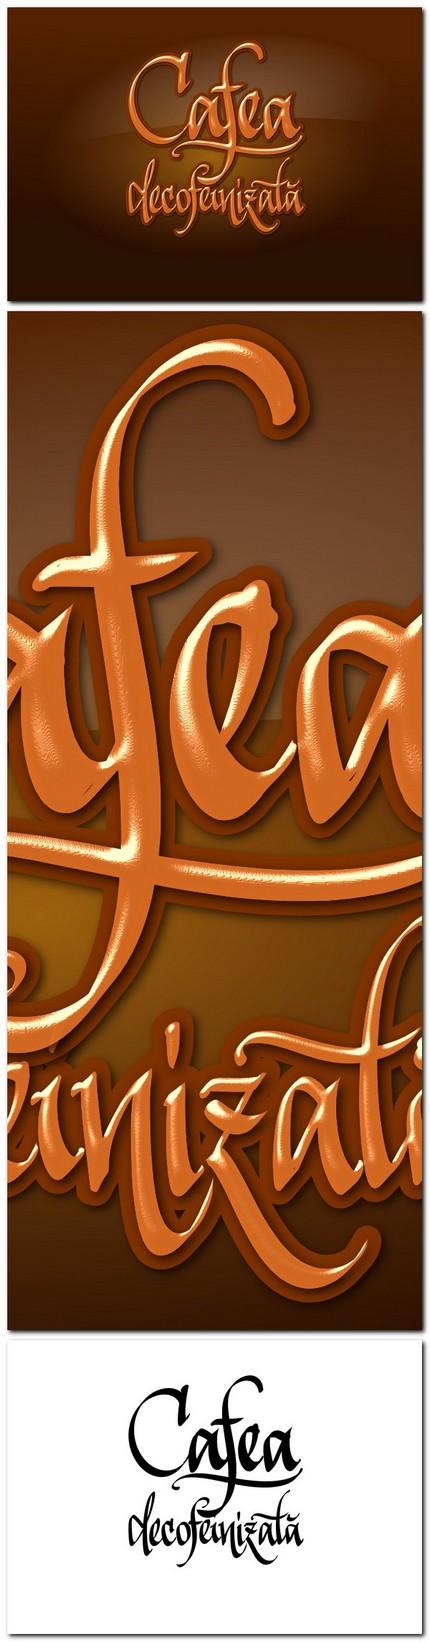 Cafea decofeinizată - caligrafie digitală de Florin Florea